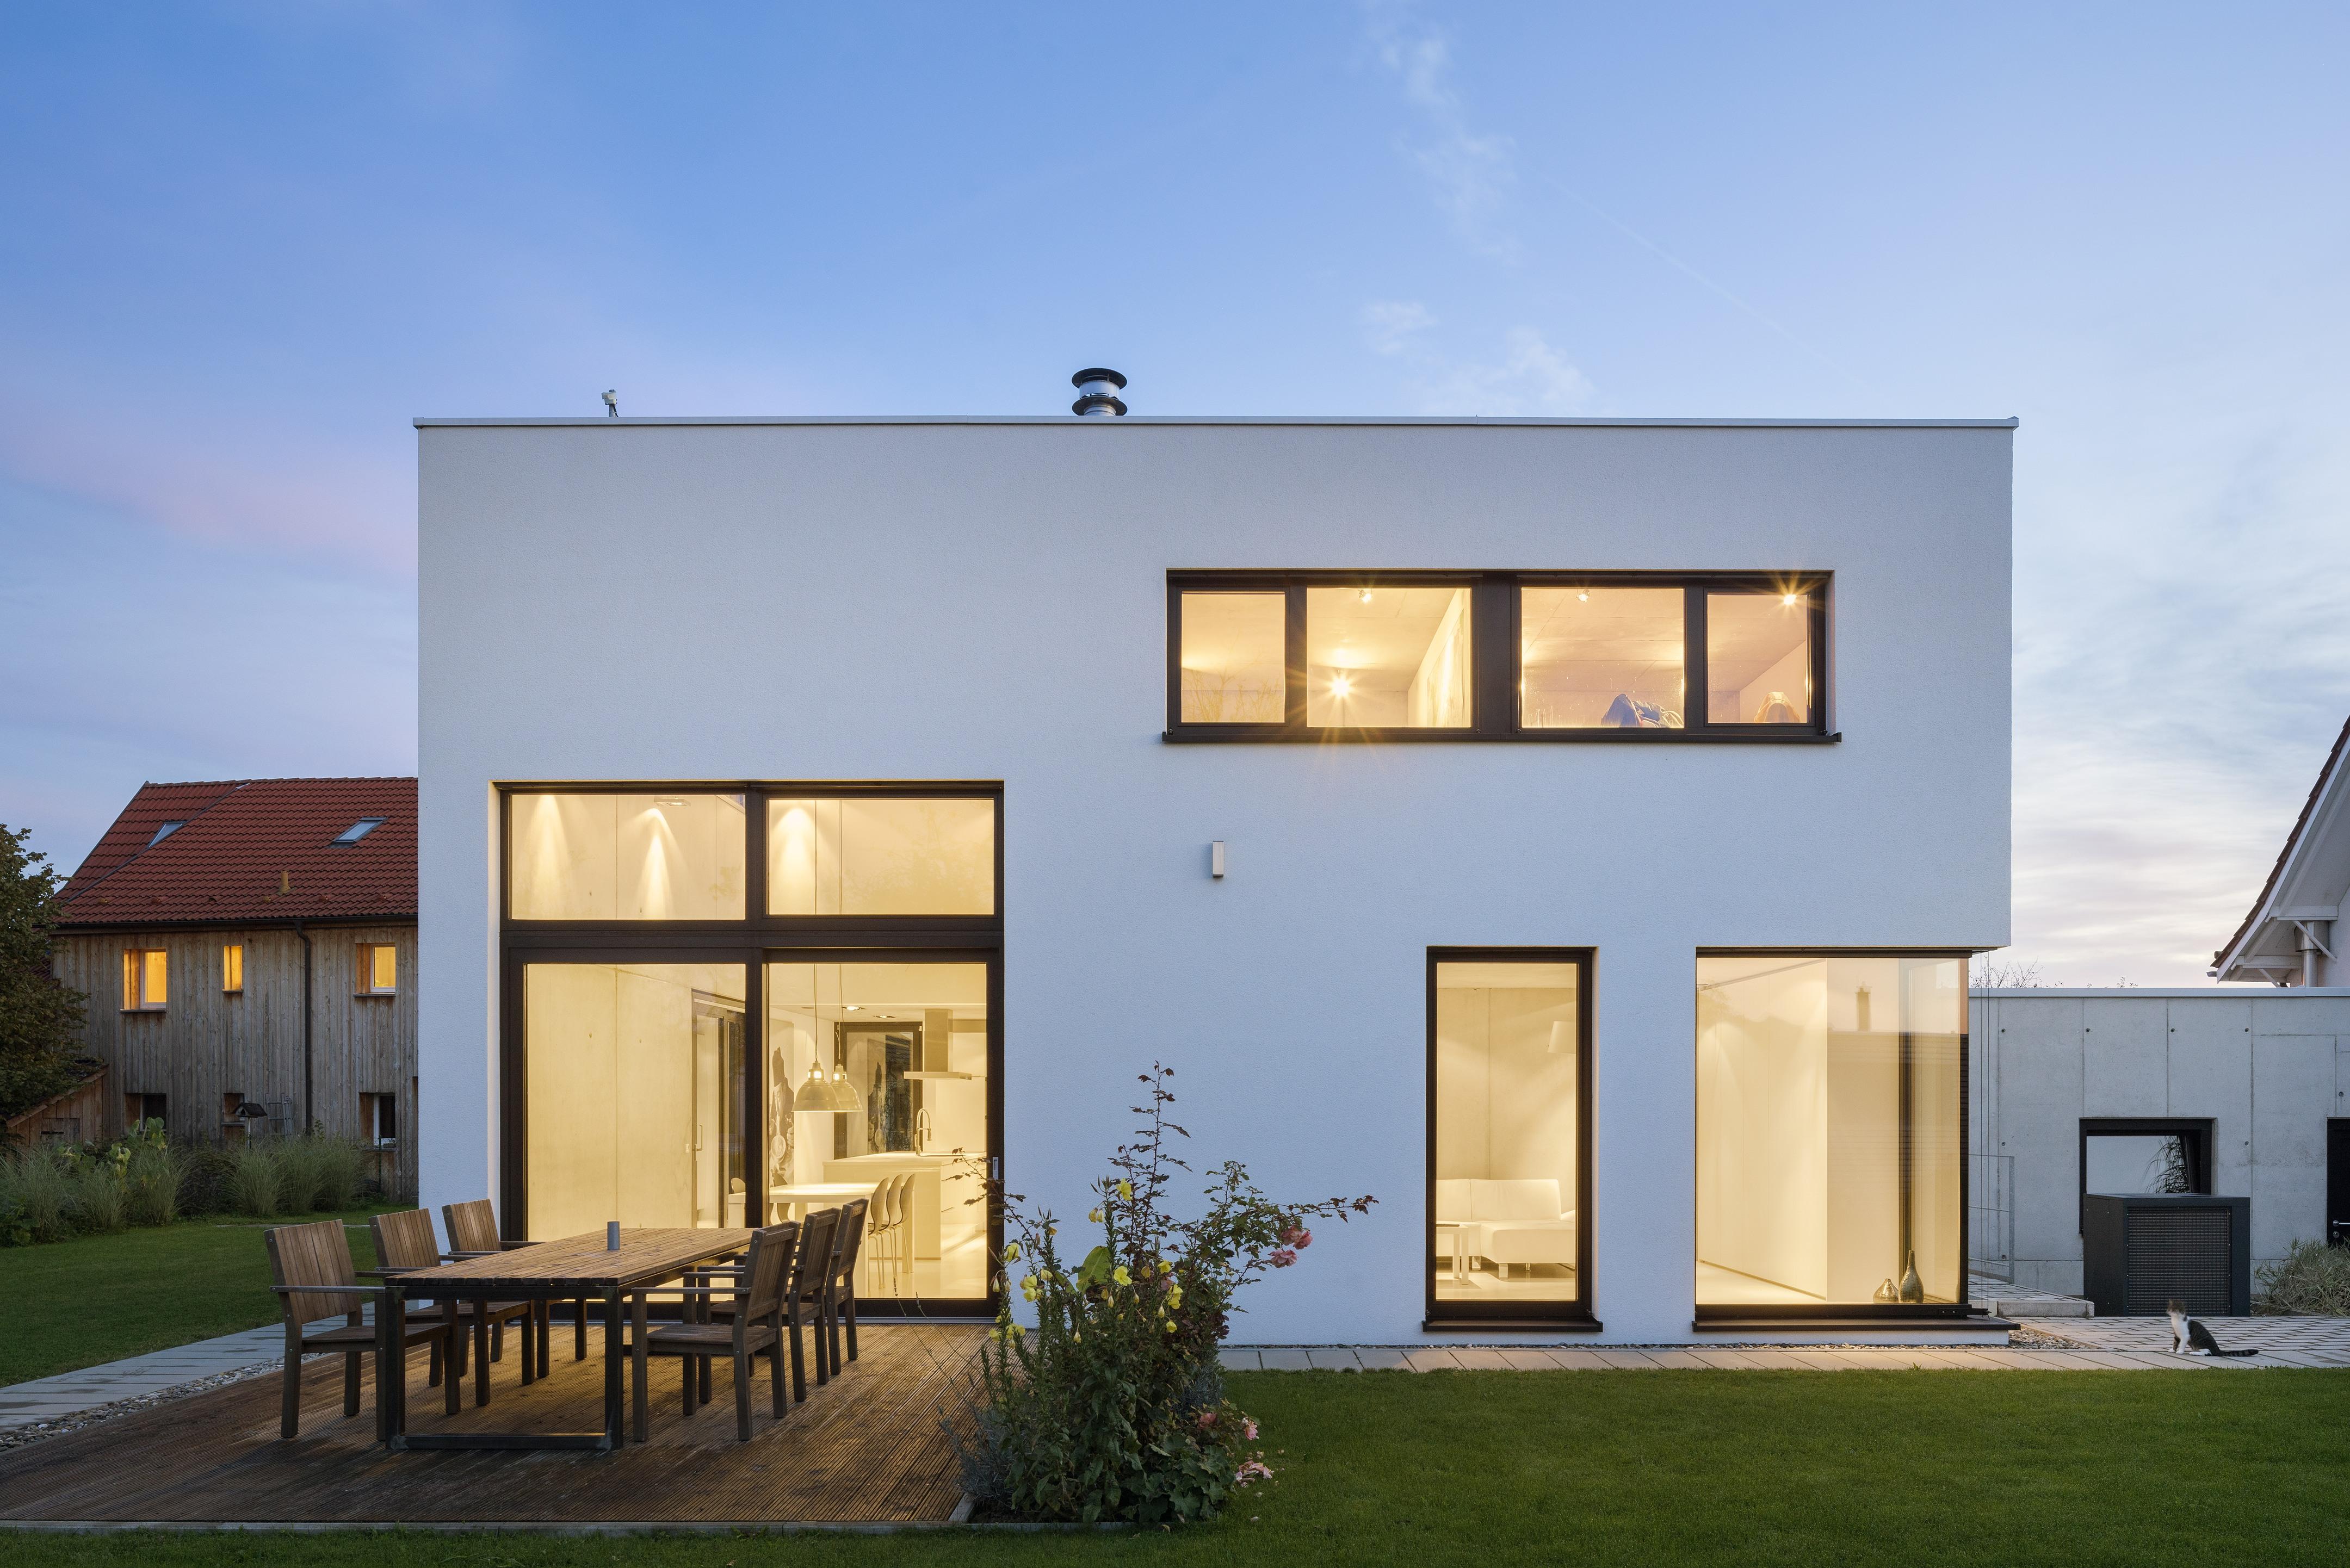 Kn08 House Schiller Architektur Bda